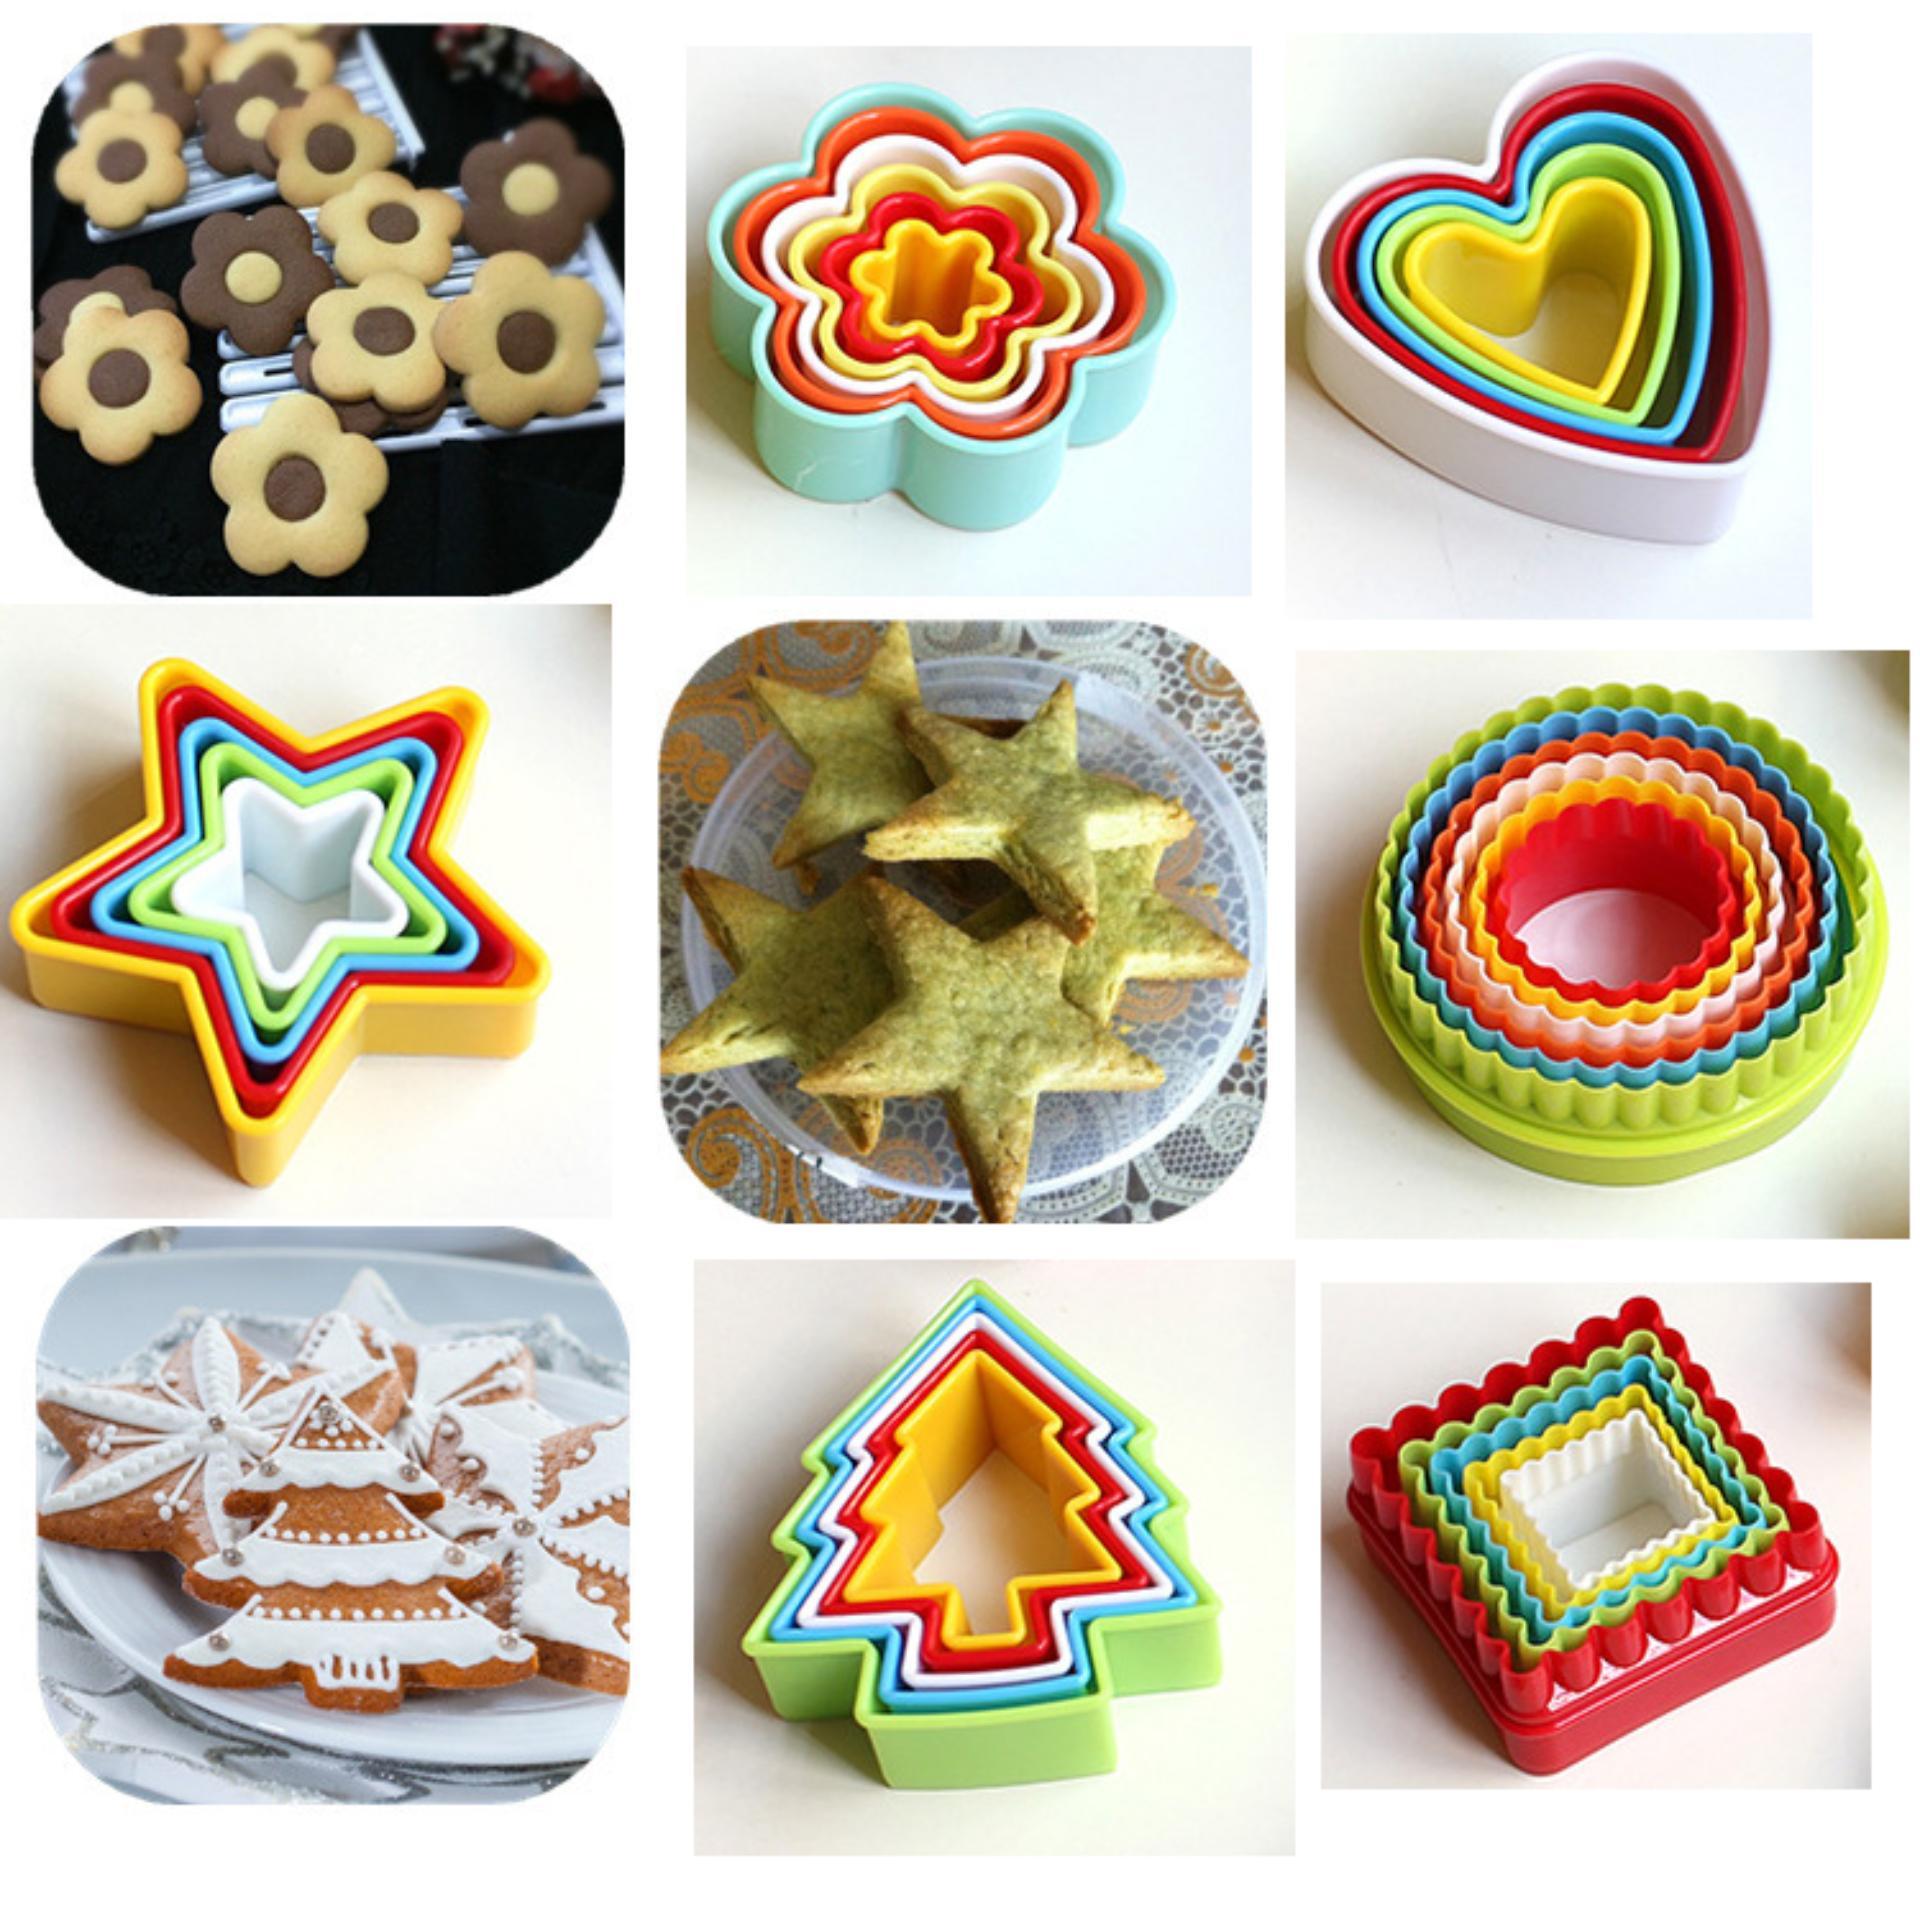 Combo 6 bộ khuôn nhựa làm bánh bông hoa + tim + thông + hình người + tròn + sao